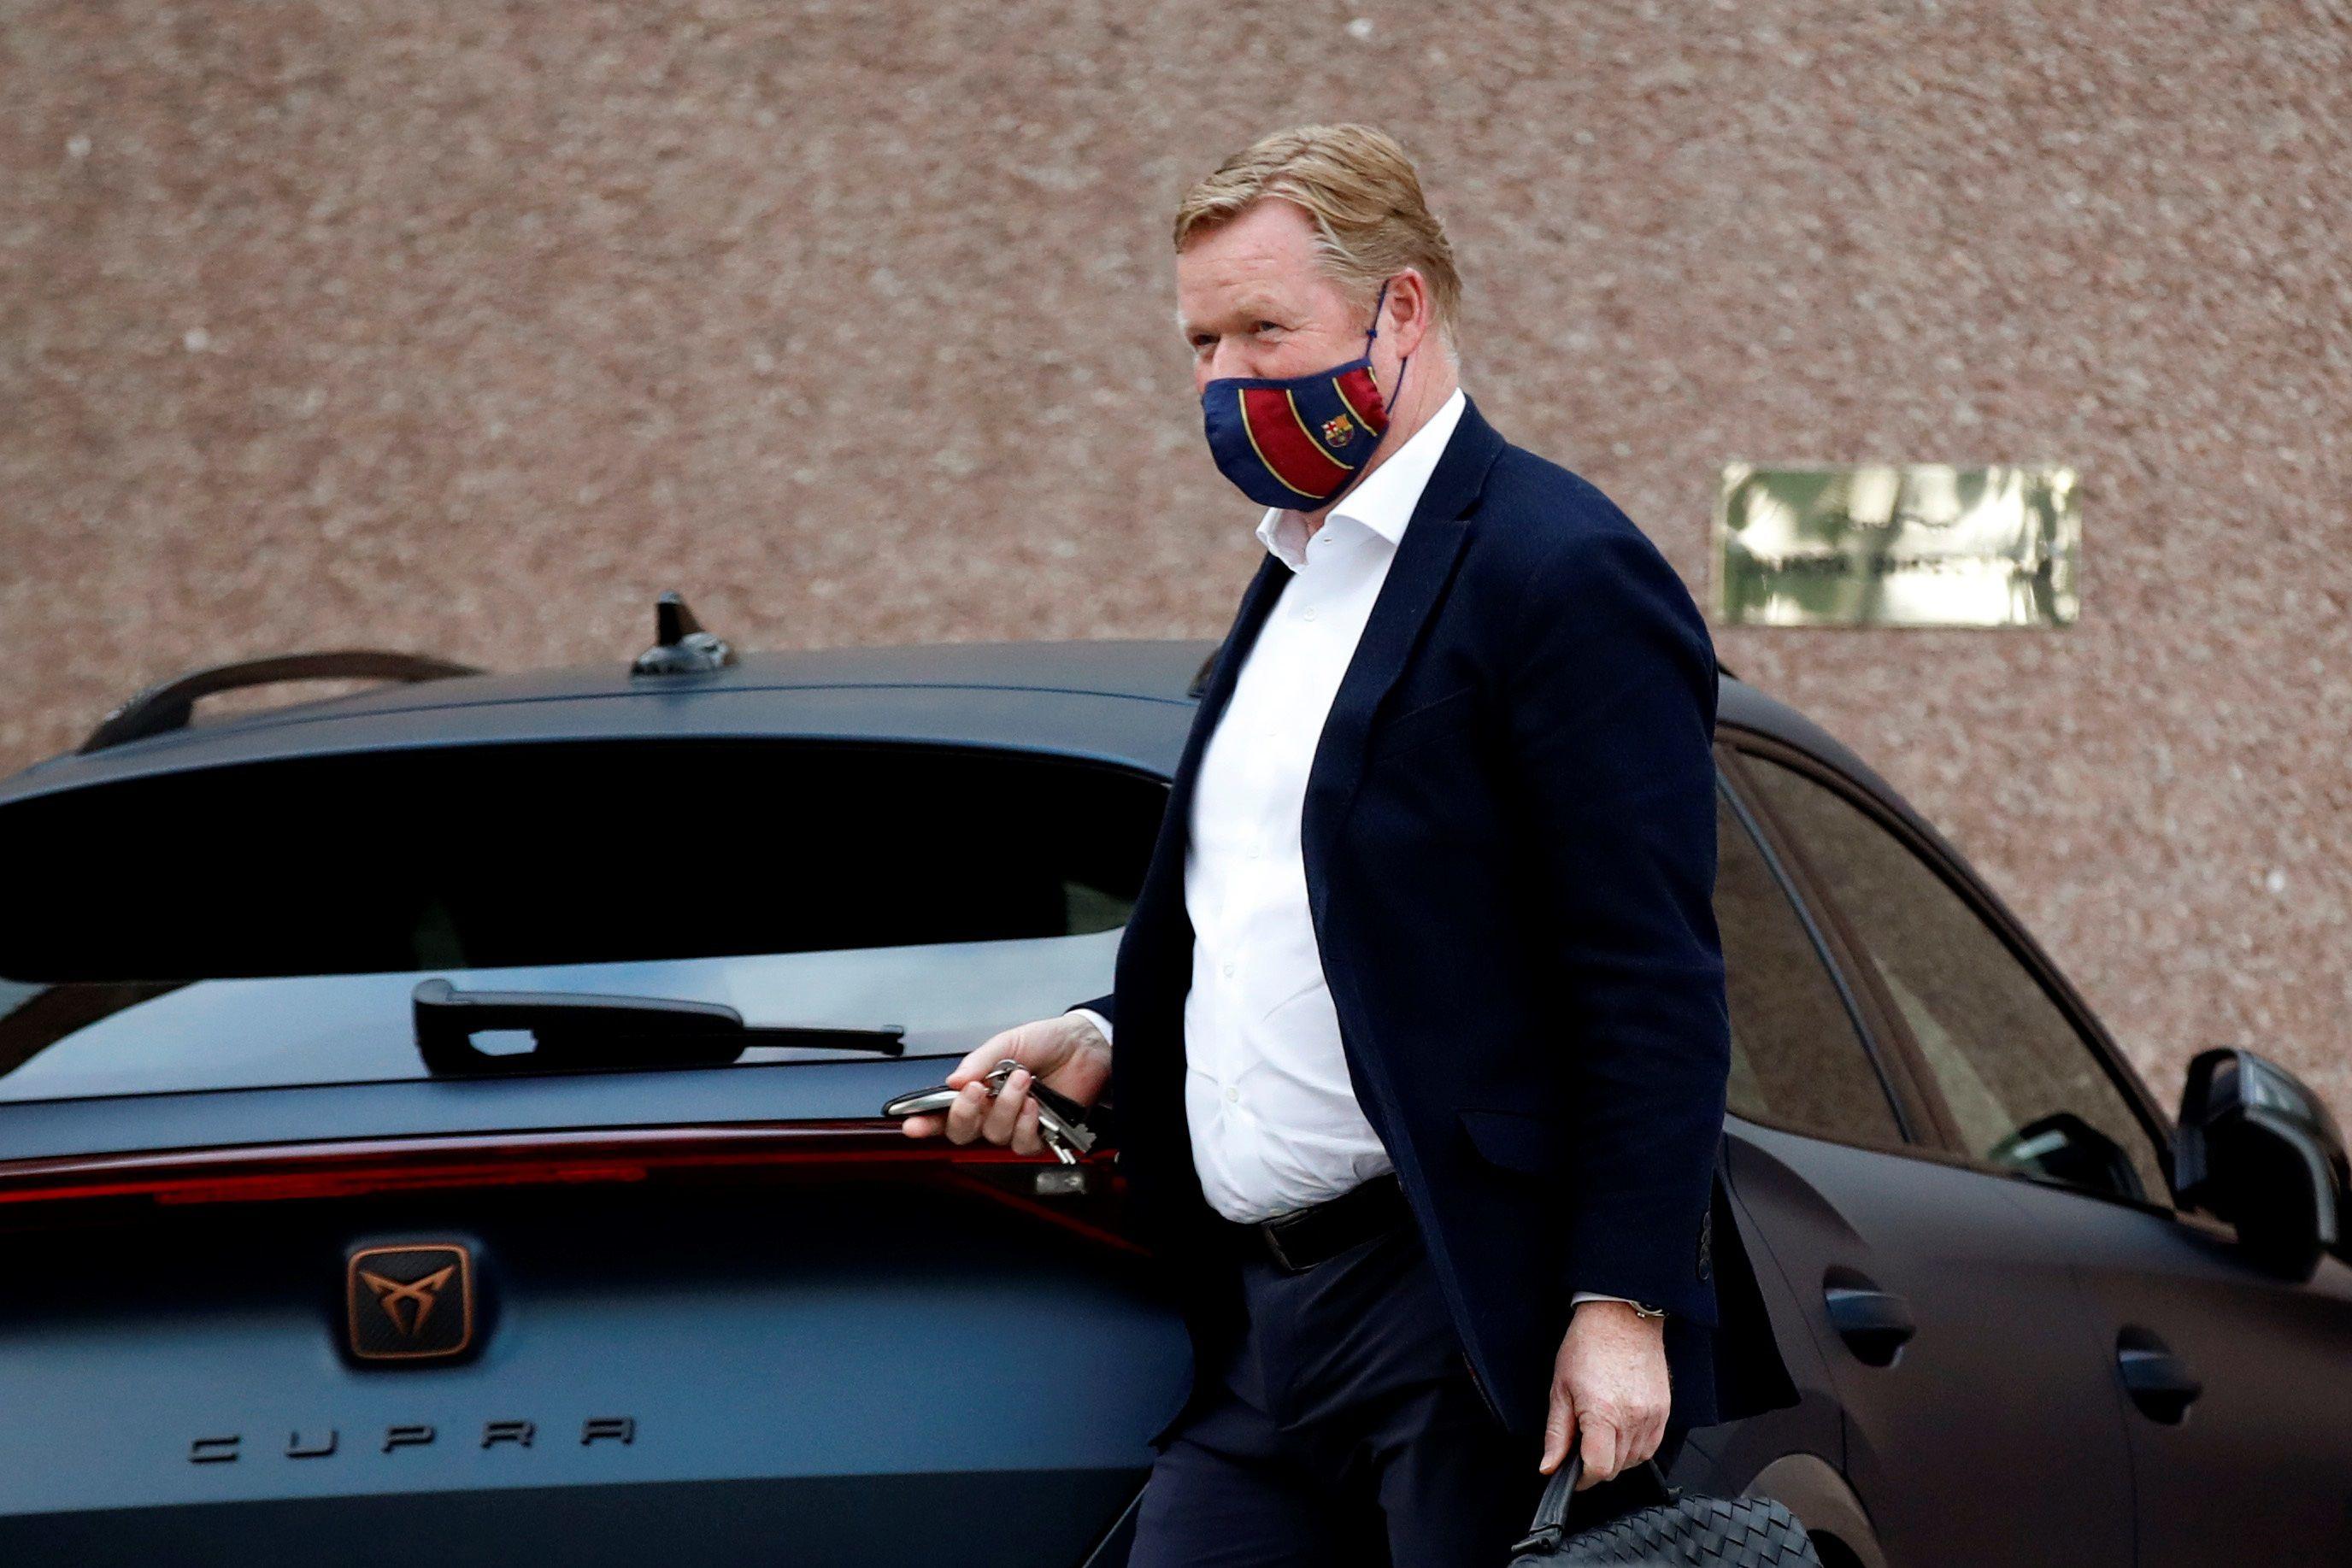 El entrenador del FC Barcelona, el holandés Ronald Koeman, espera por la llegada de más refuerzos (EFE)